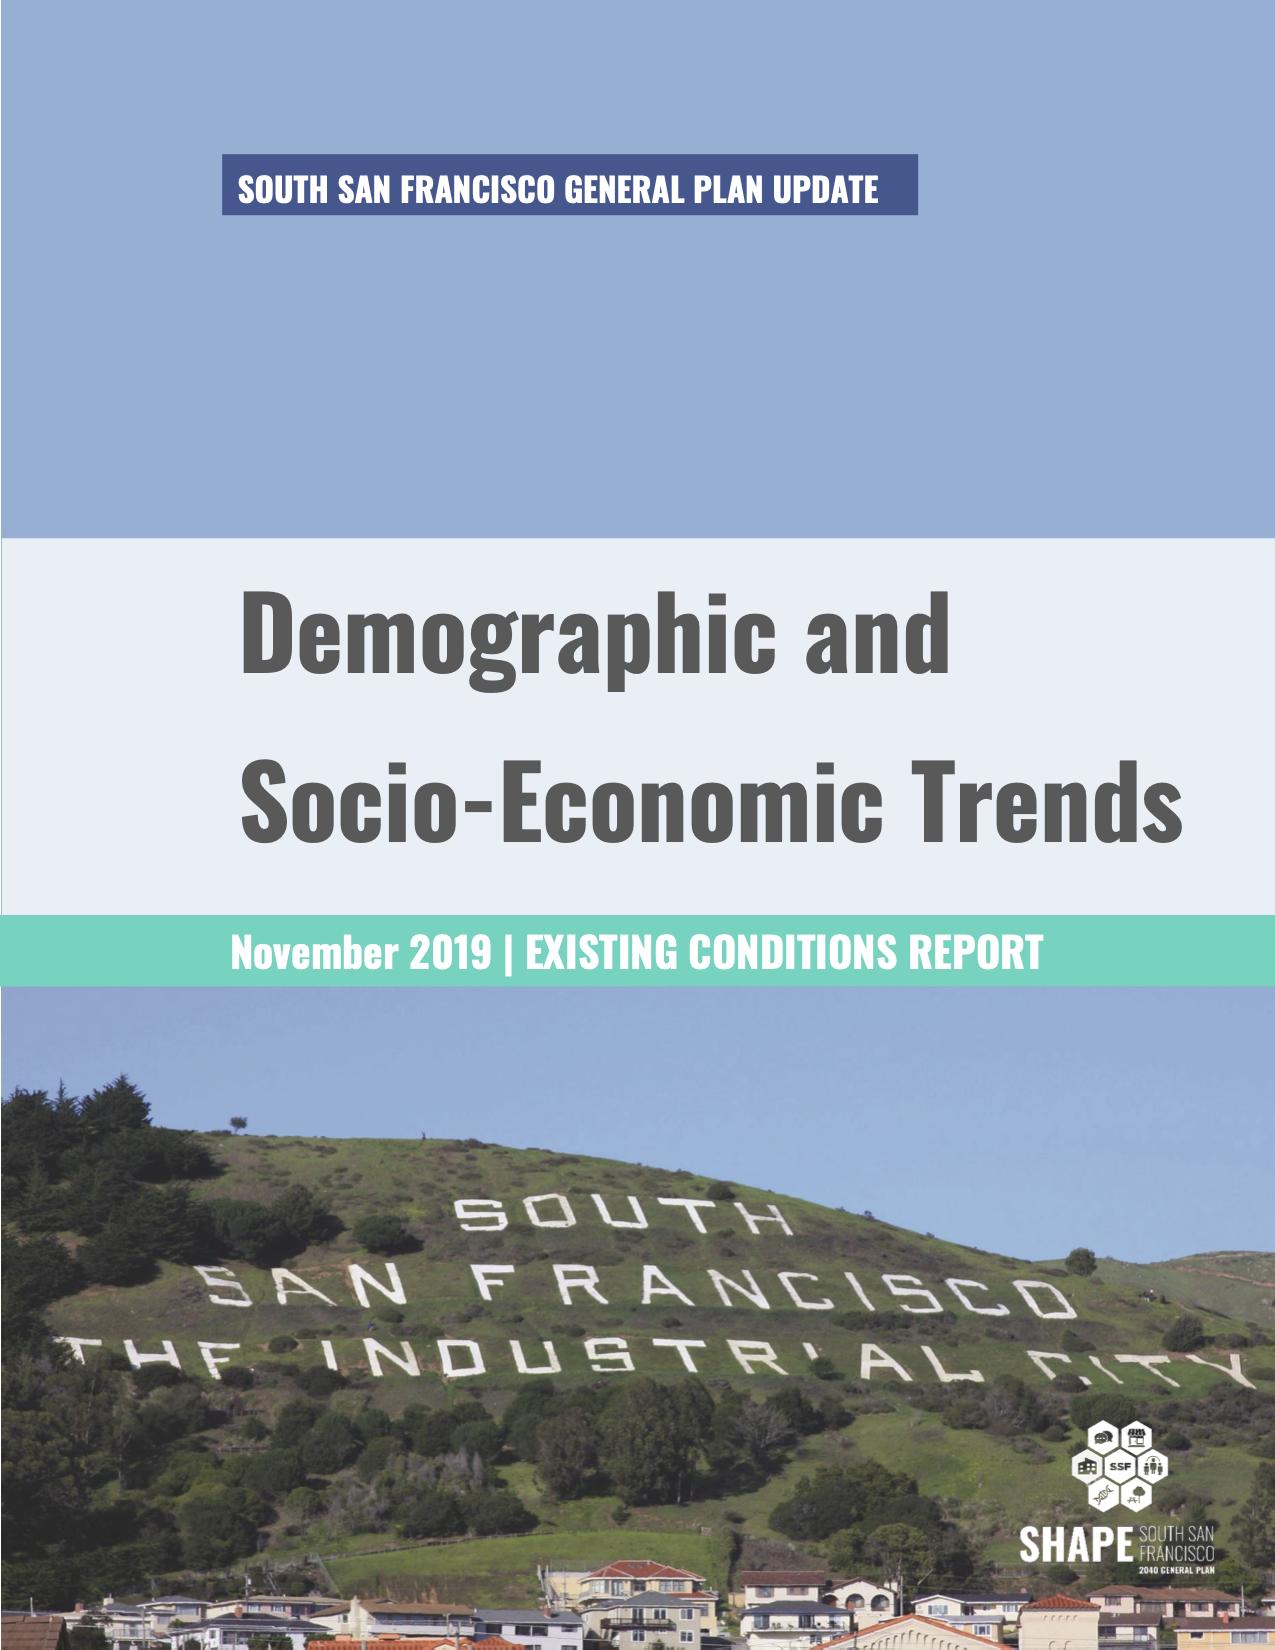 Demographic and Socio-Economic Trends